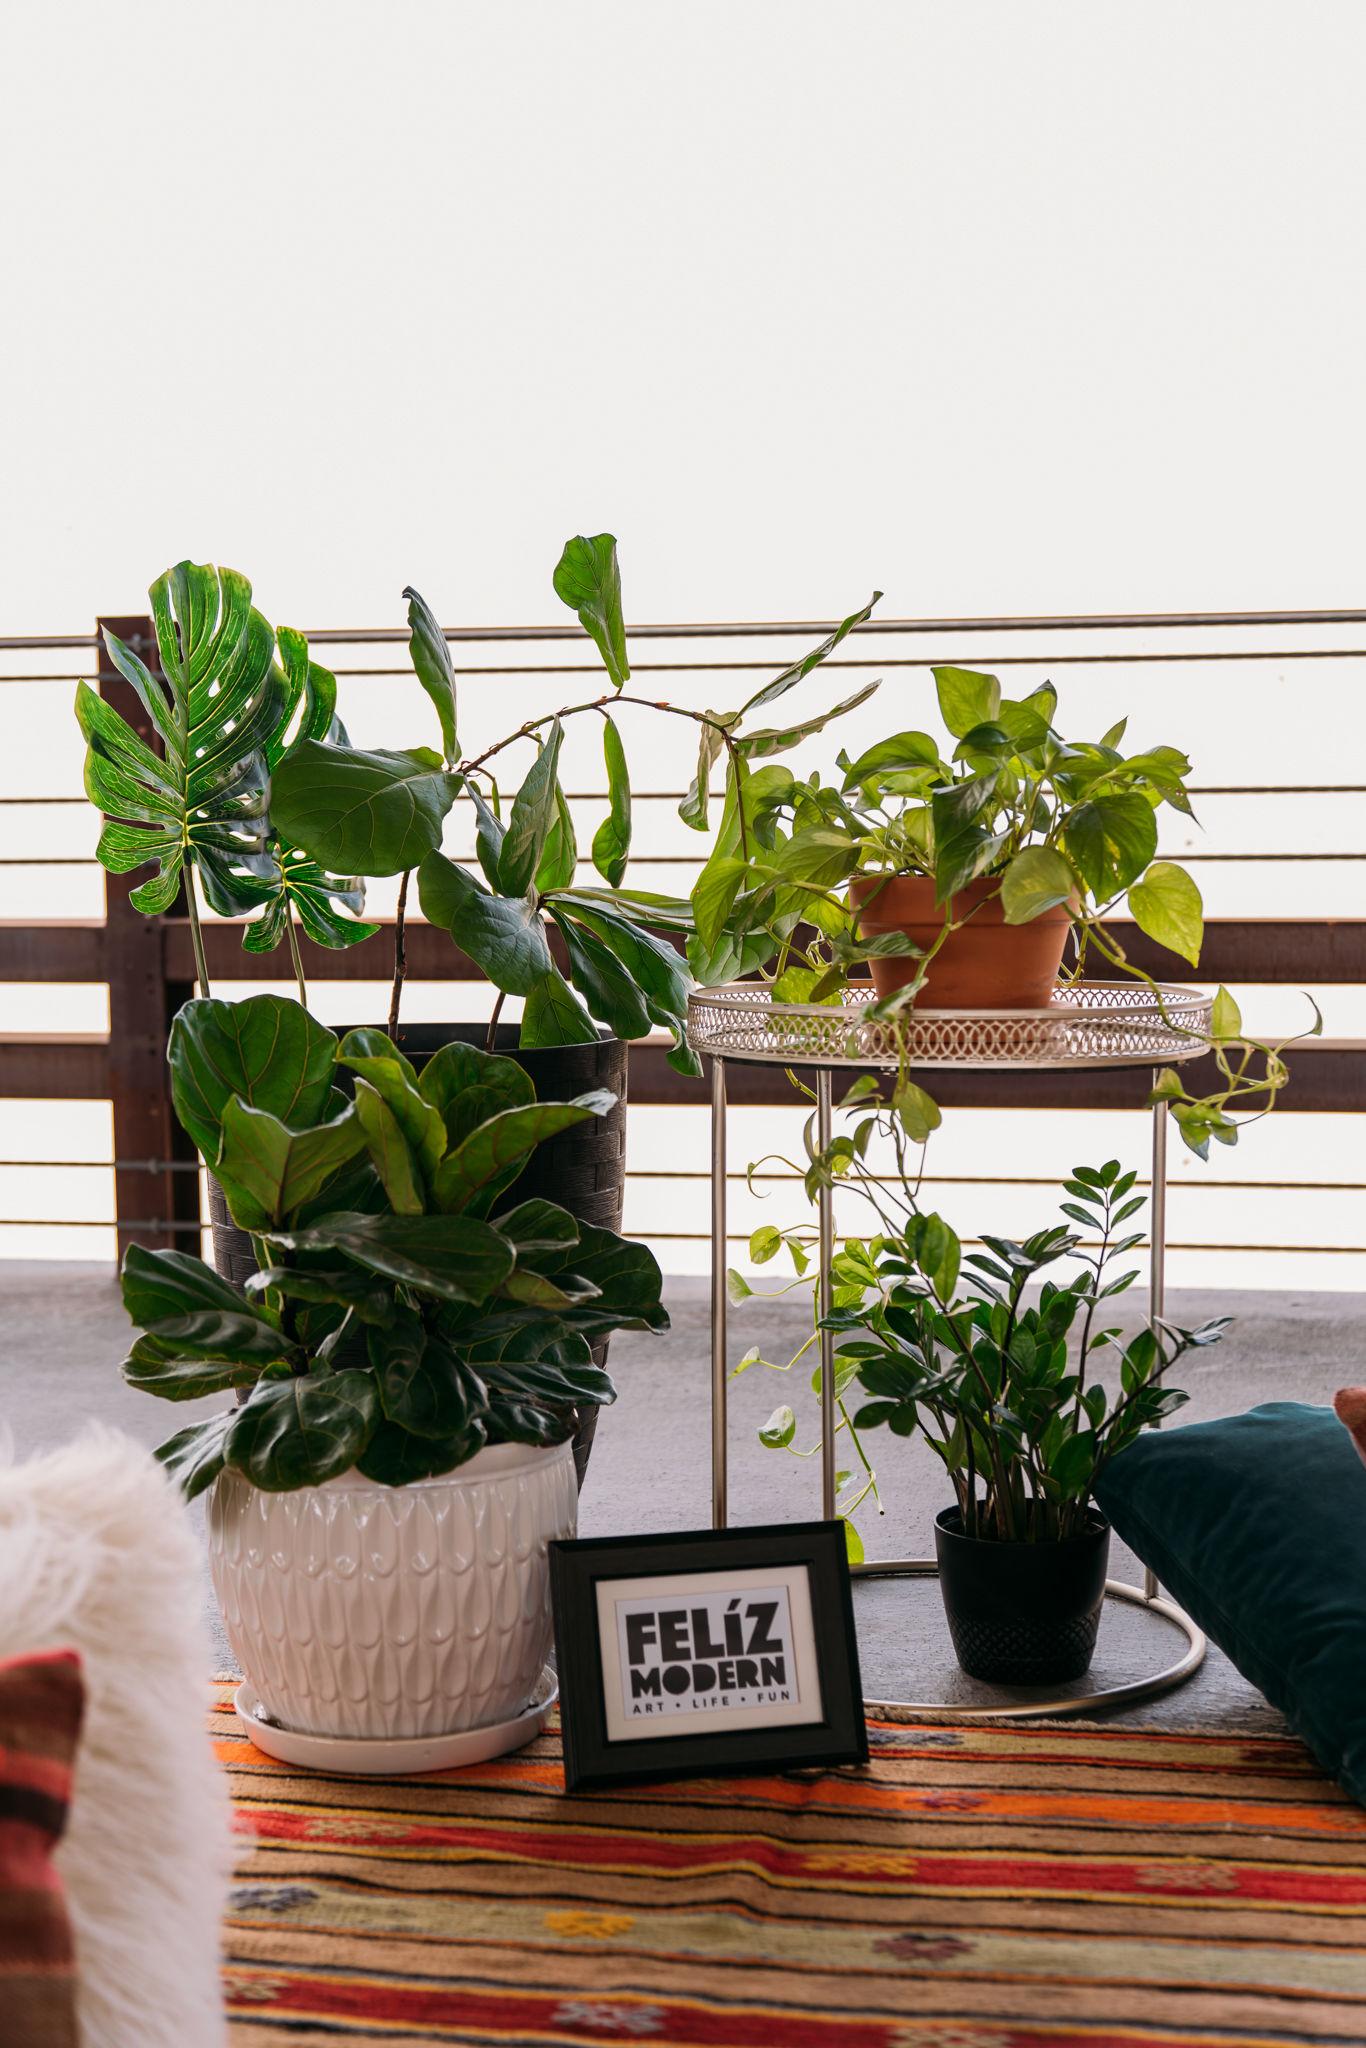 20190504-Florecer-Femme-FIt-AdrianGarcia-FOMASCine_BR31325.jpg